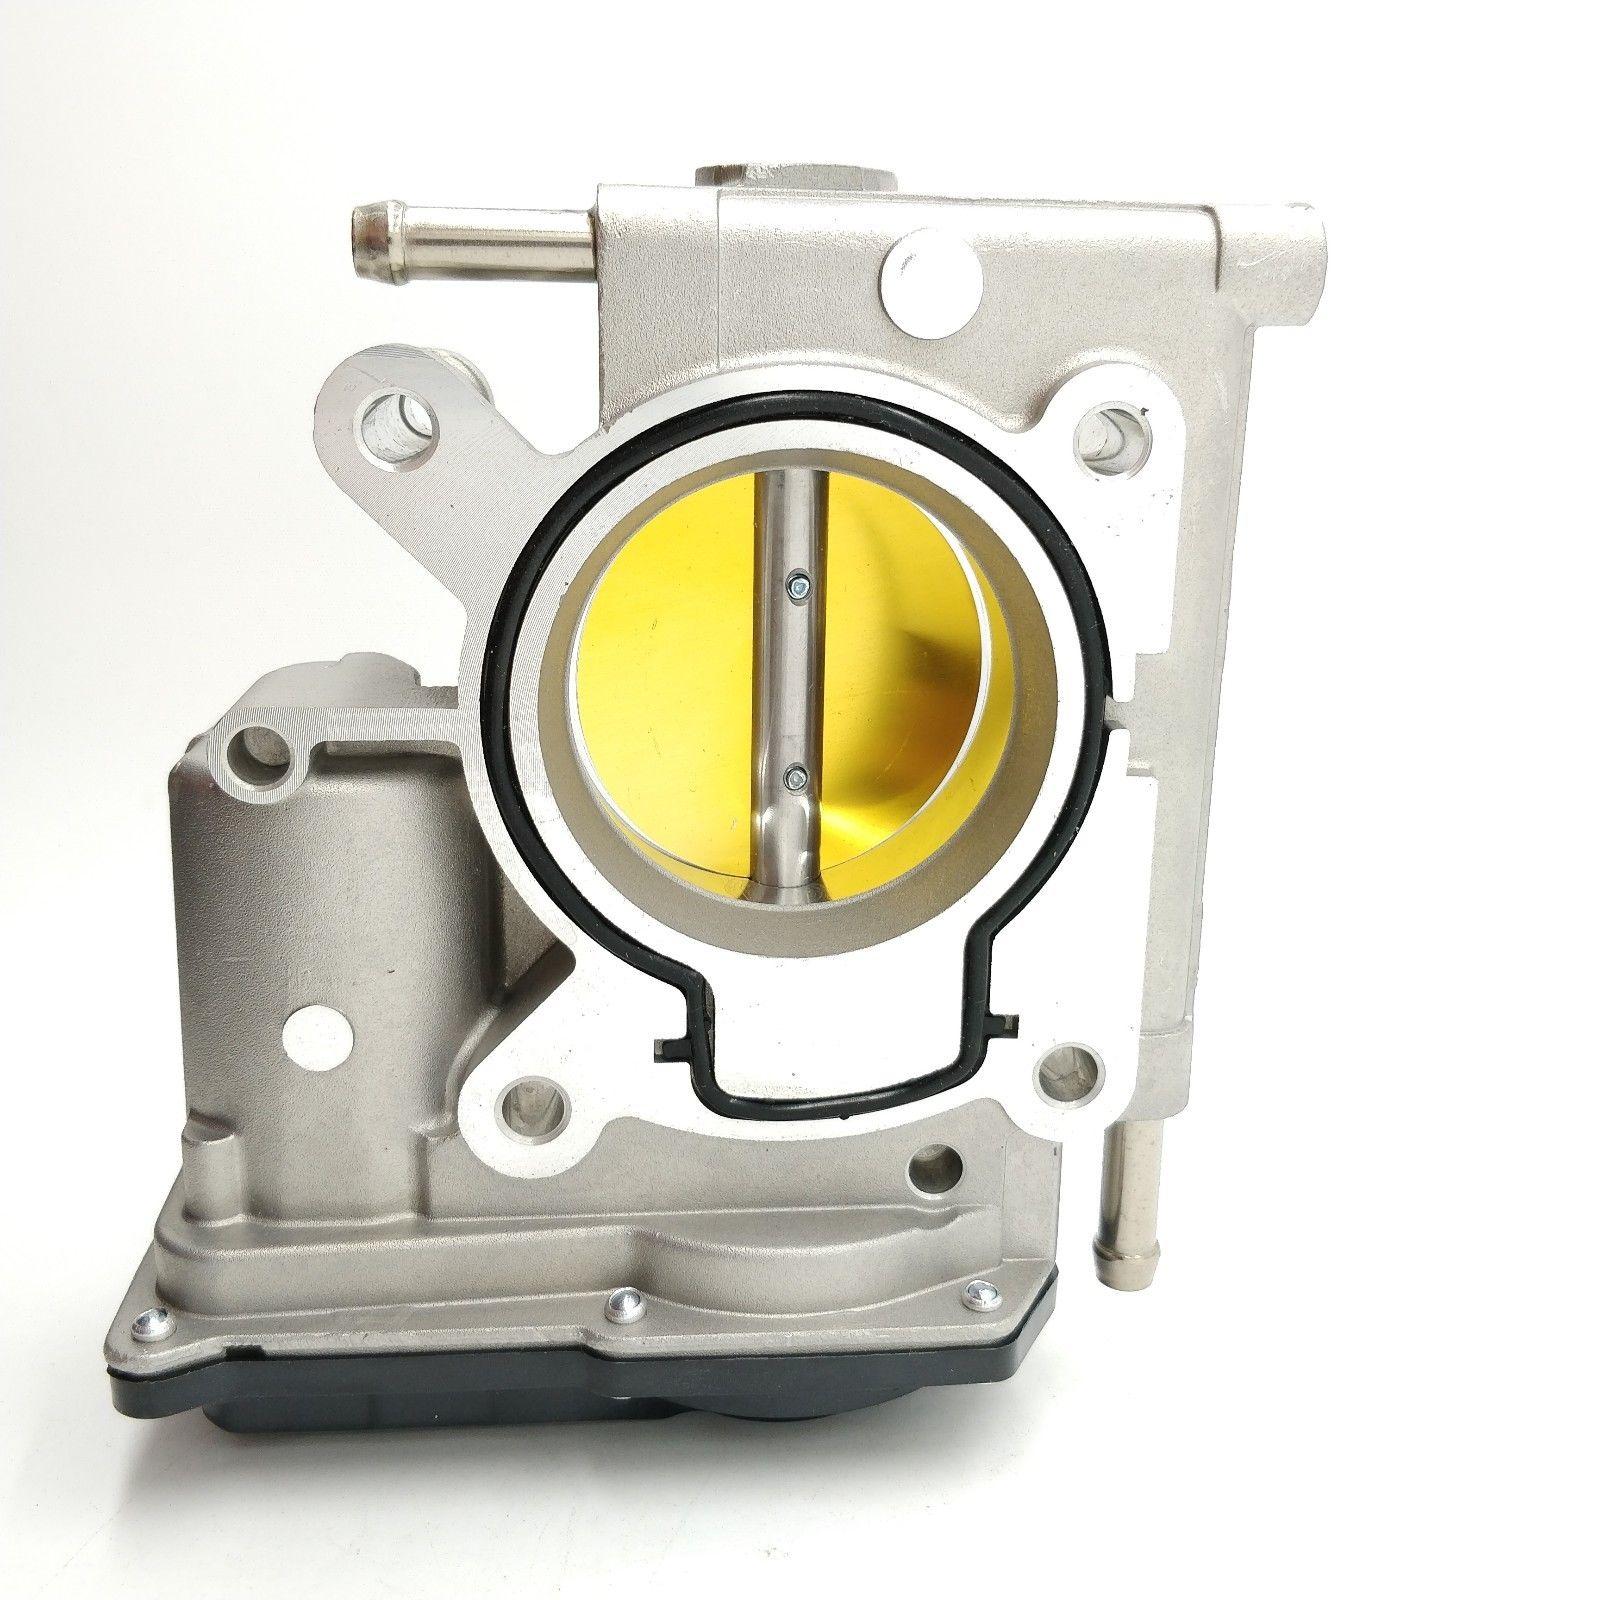 Throttle Body For 2003-2007 Mazda 3 Mazda 5 Mazda6 L321-13-640G L32113640G